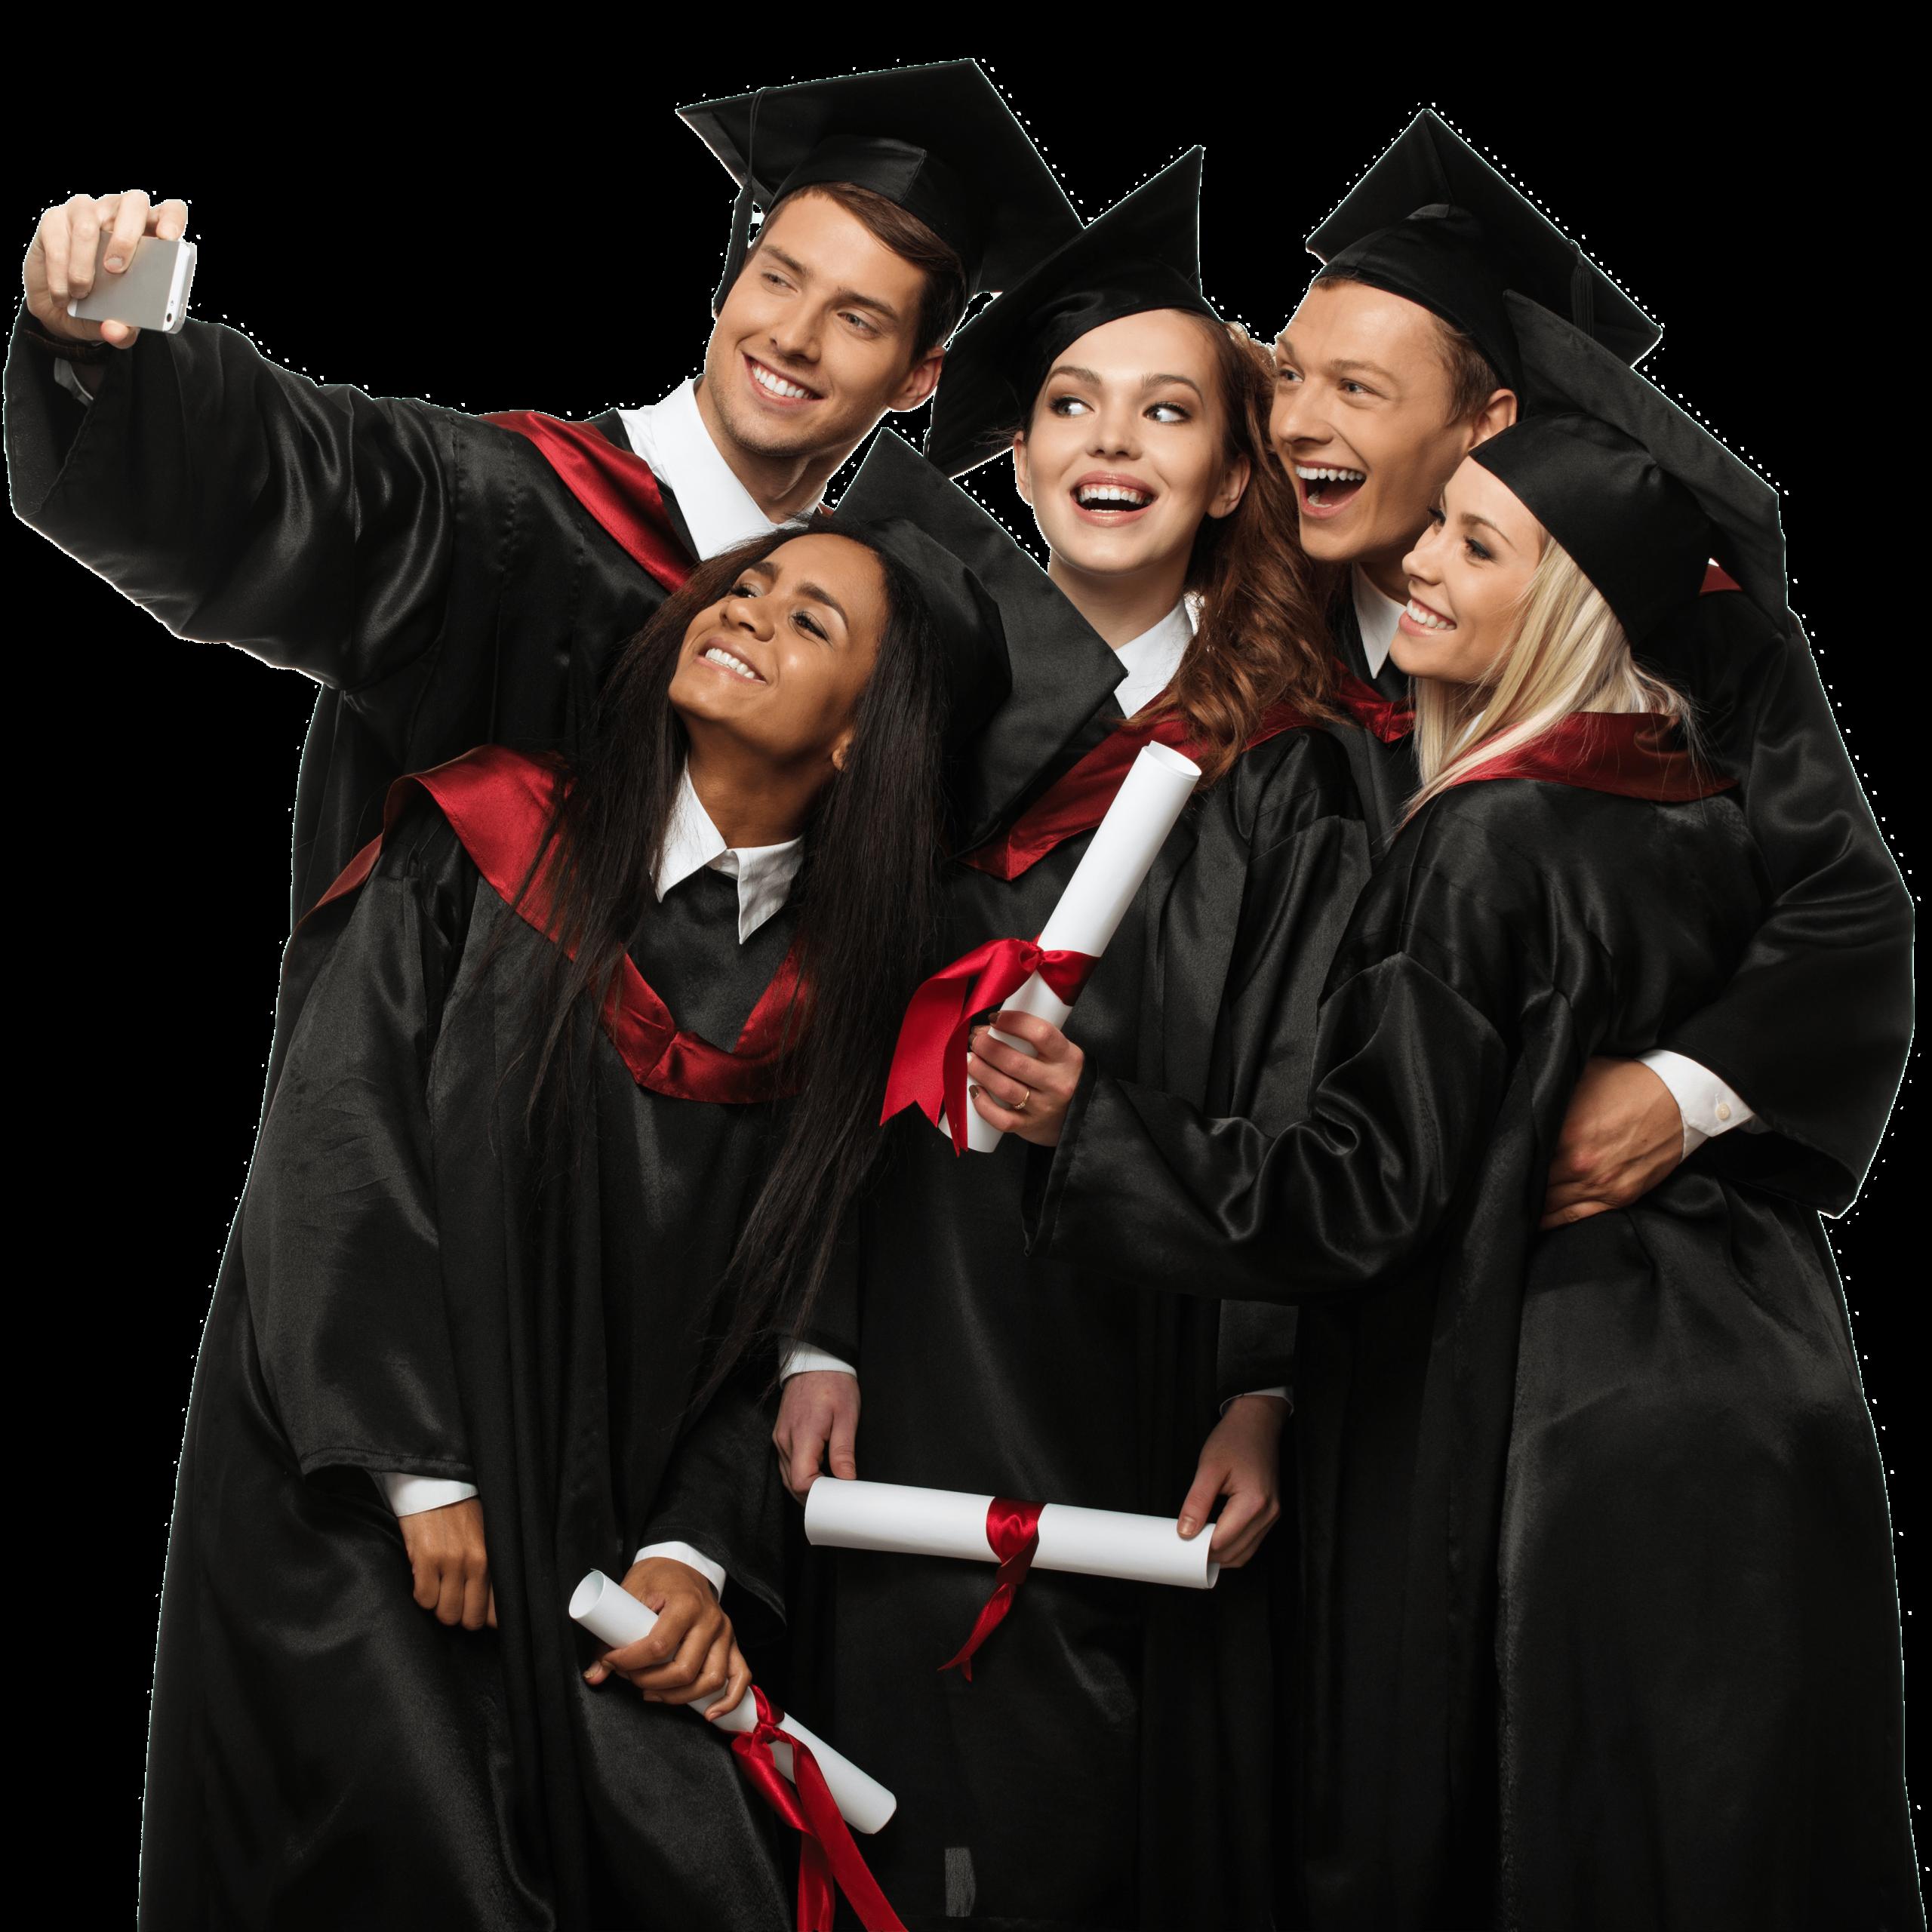 Studenten Selfie - AFUM Akademie für Unternehmensmanagement